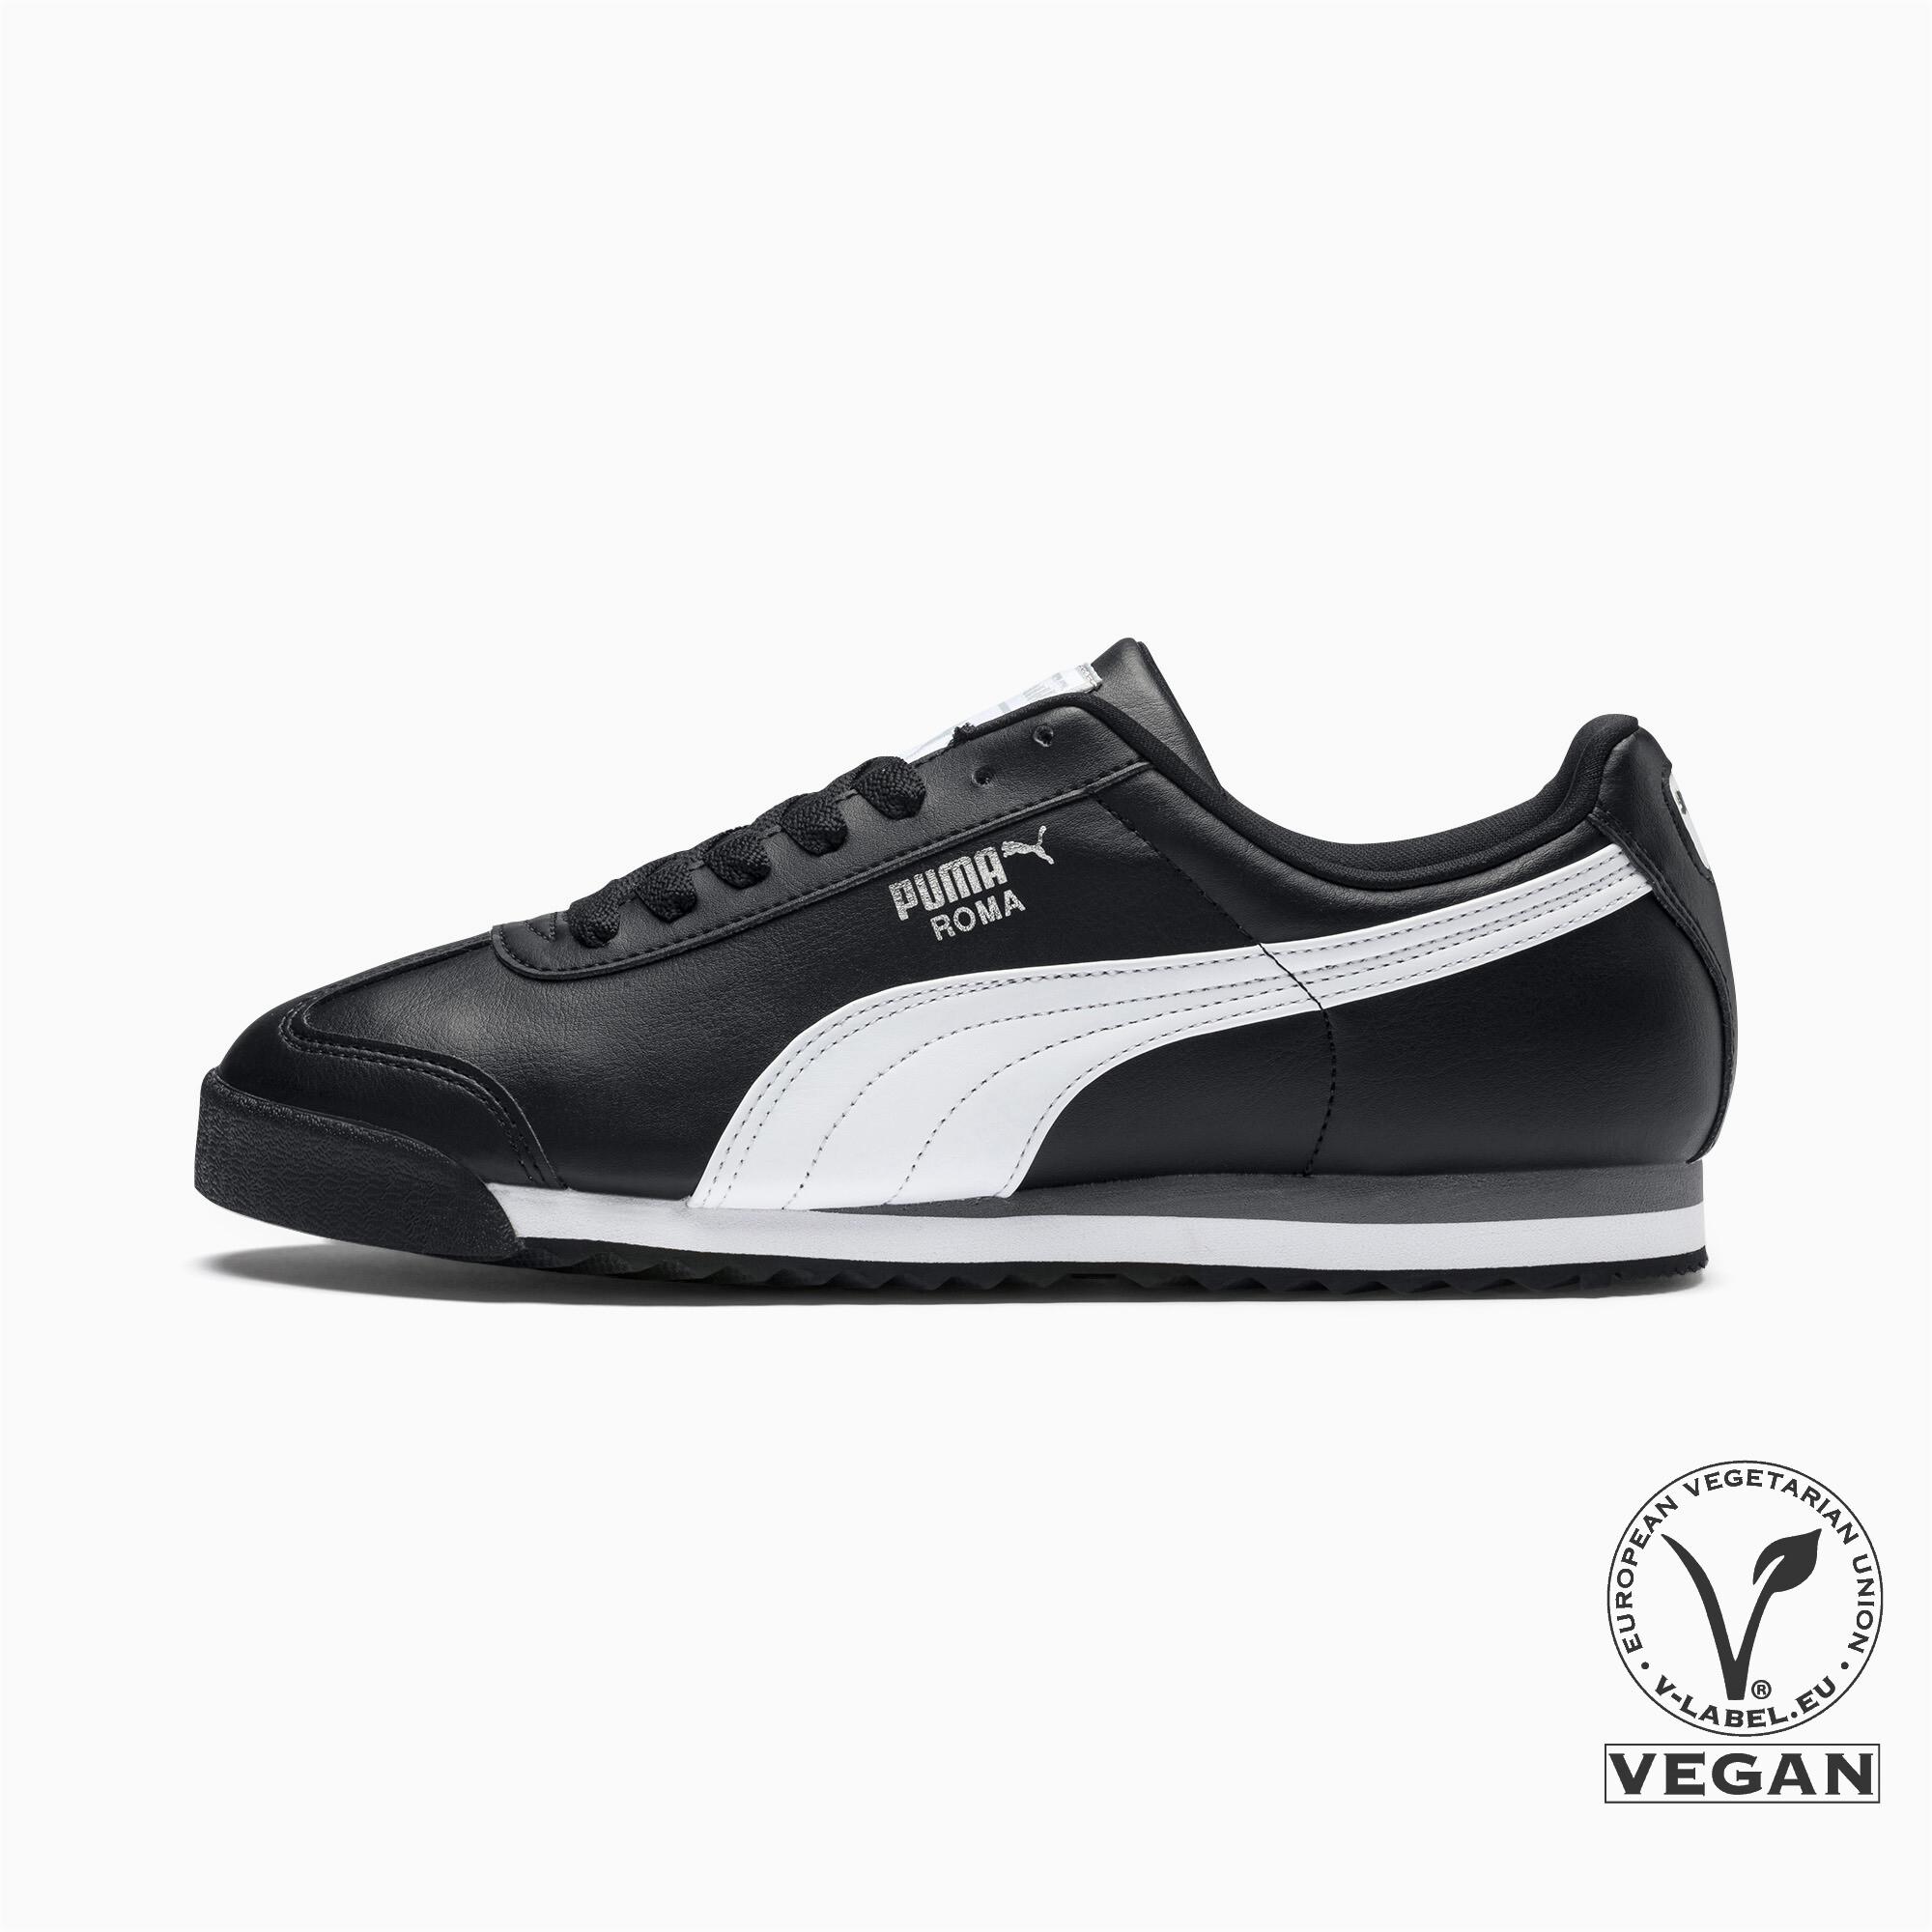 5f24e1f55c9 Распродажа мужской спортивной обуви и одежды - купите со скидкой в интернет-магазине  PUMA